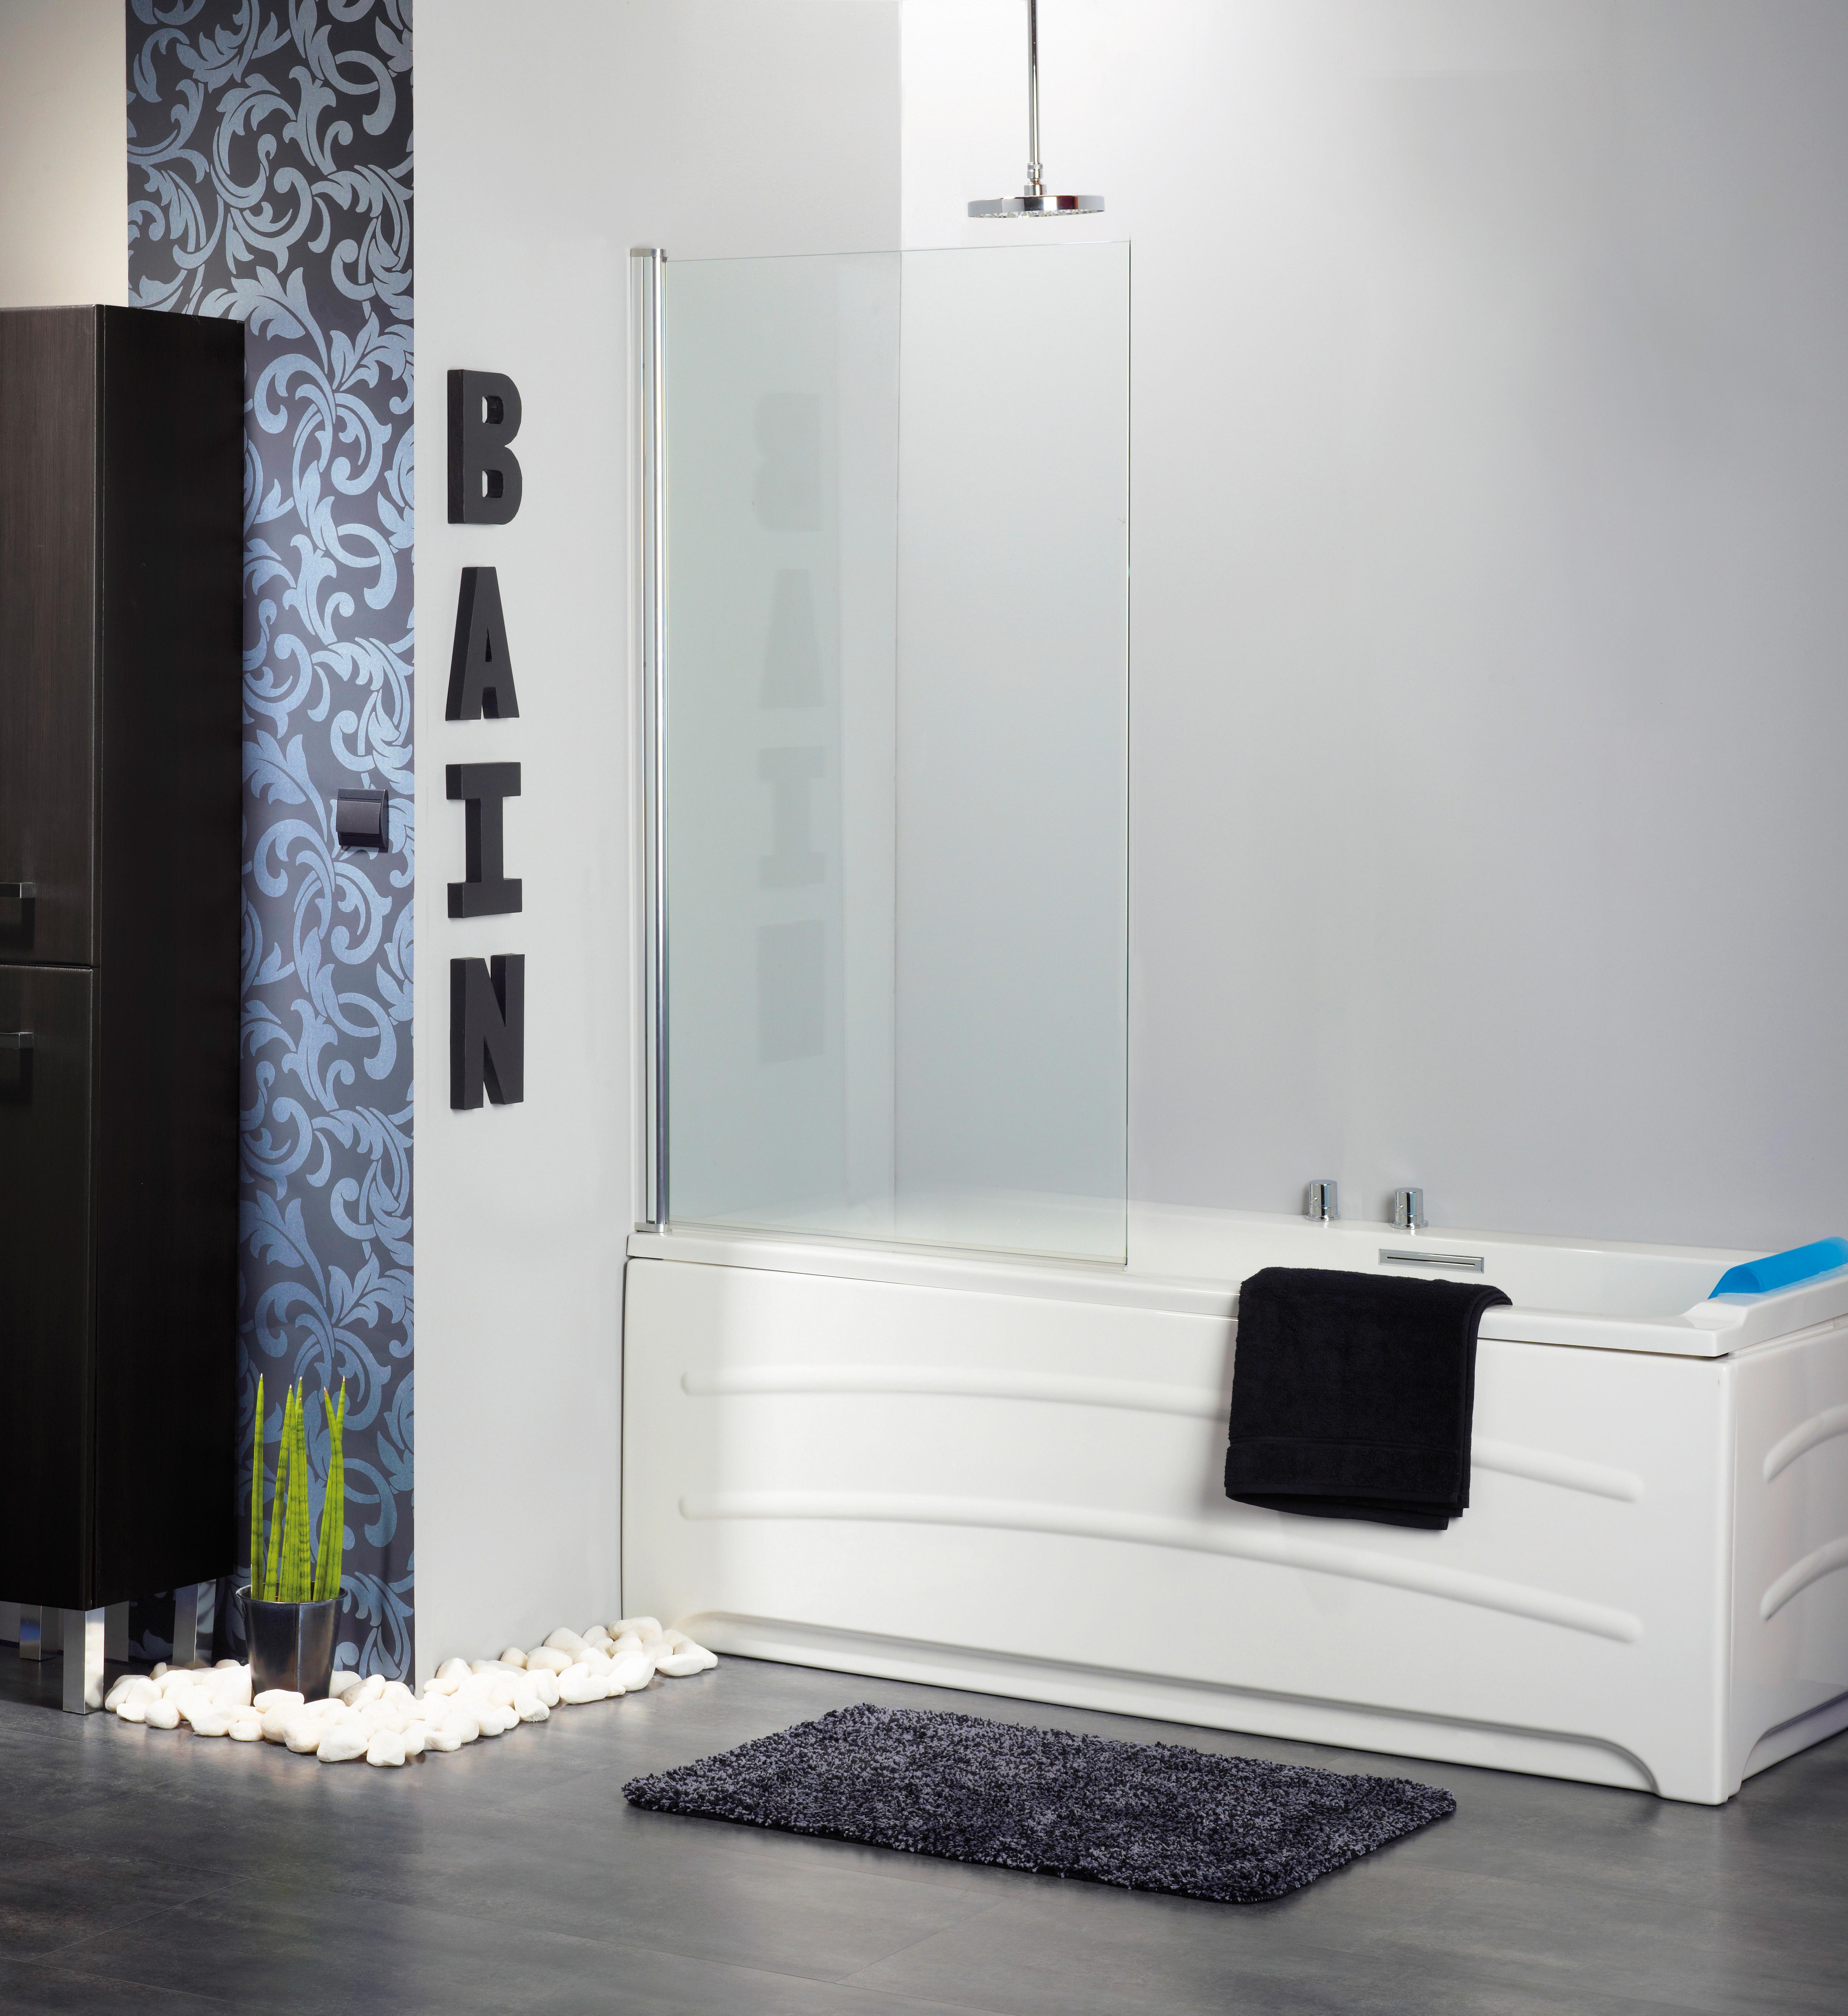 Miroiterie Clamart destiné chapitre miroiterie page parois douche carrousel1 paroi de baignoire